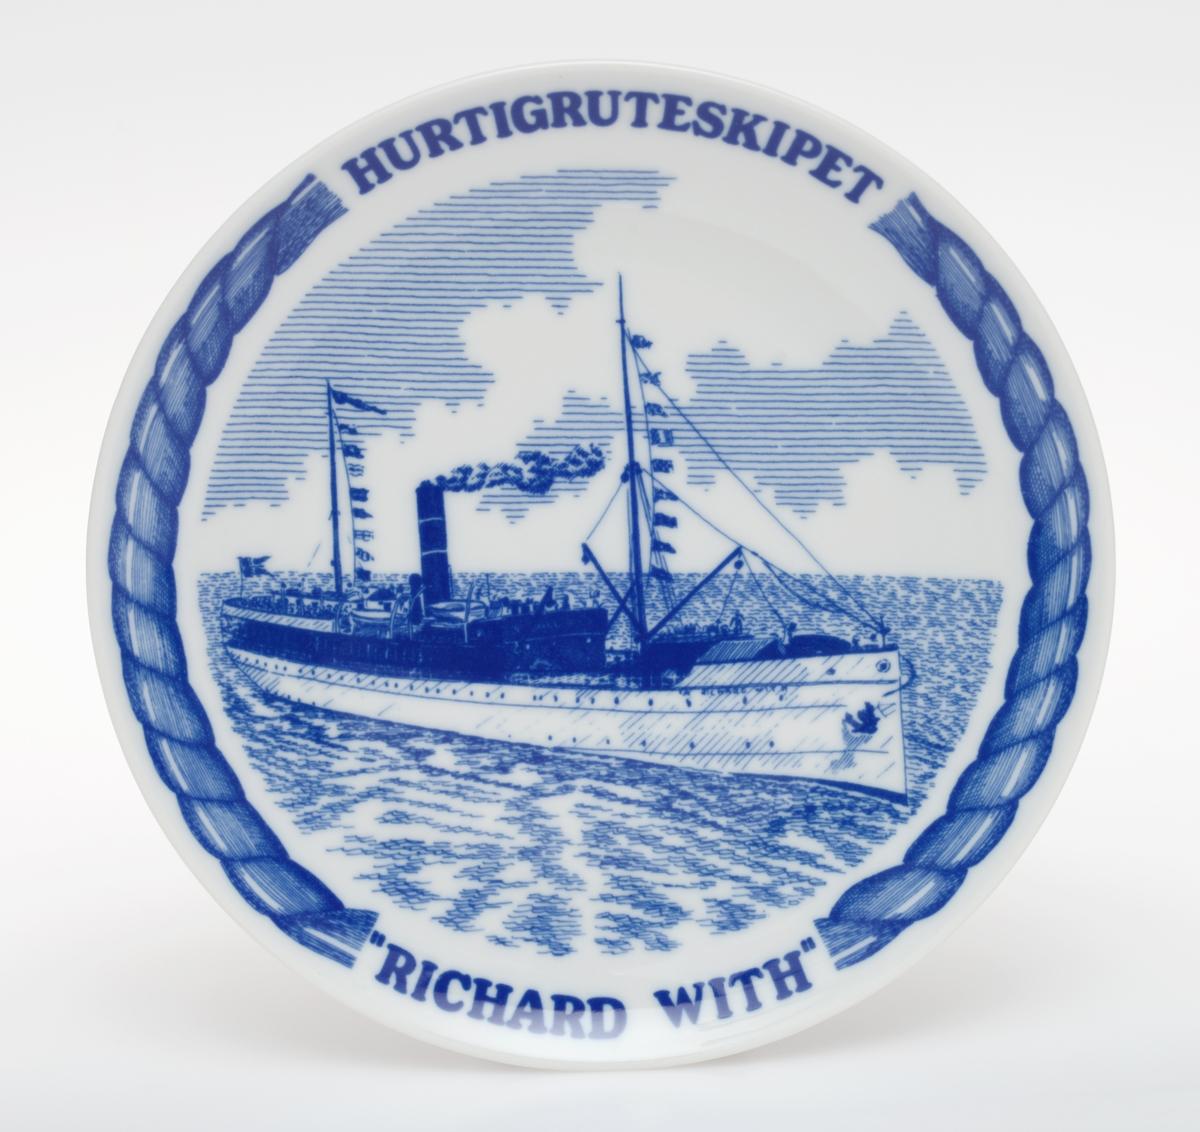 Motiv av Hurtigruten D/S Richard With.